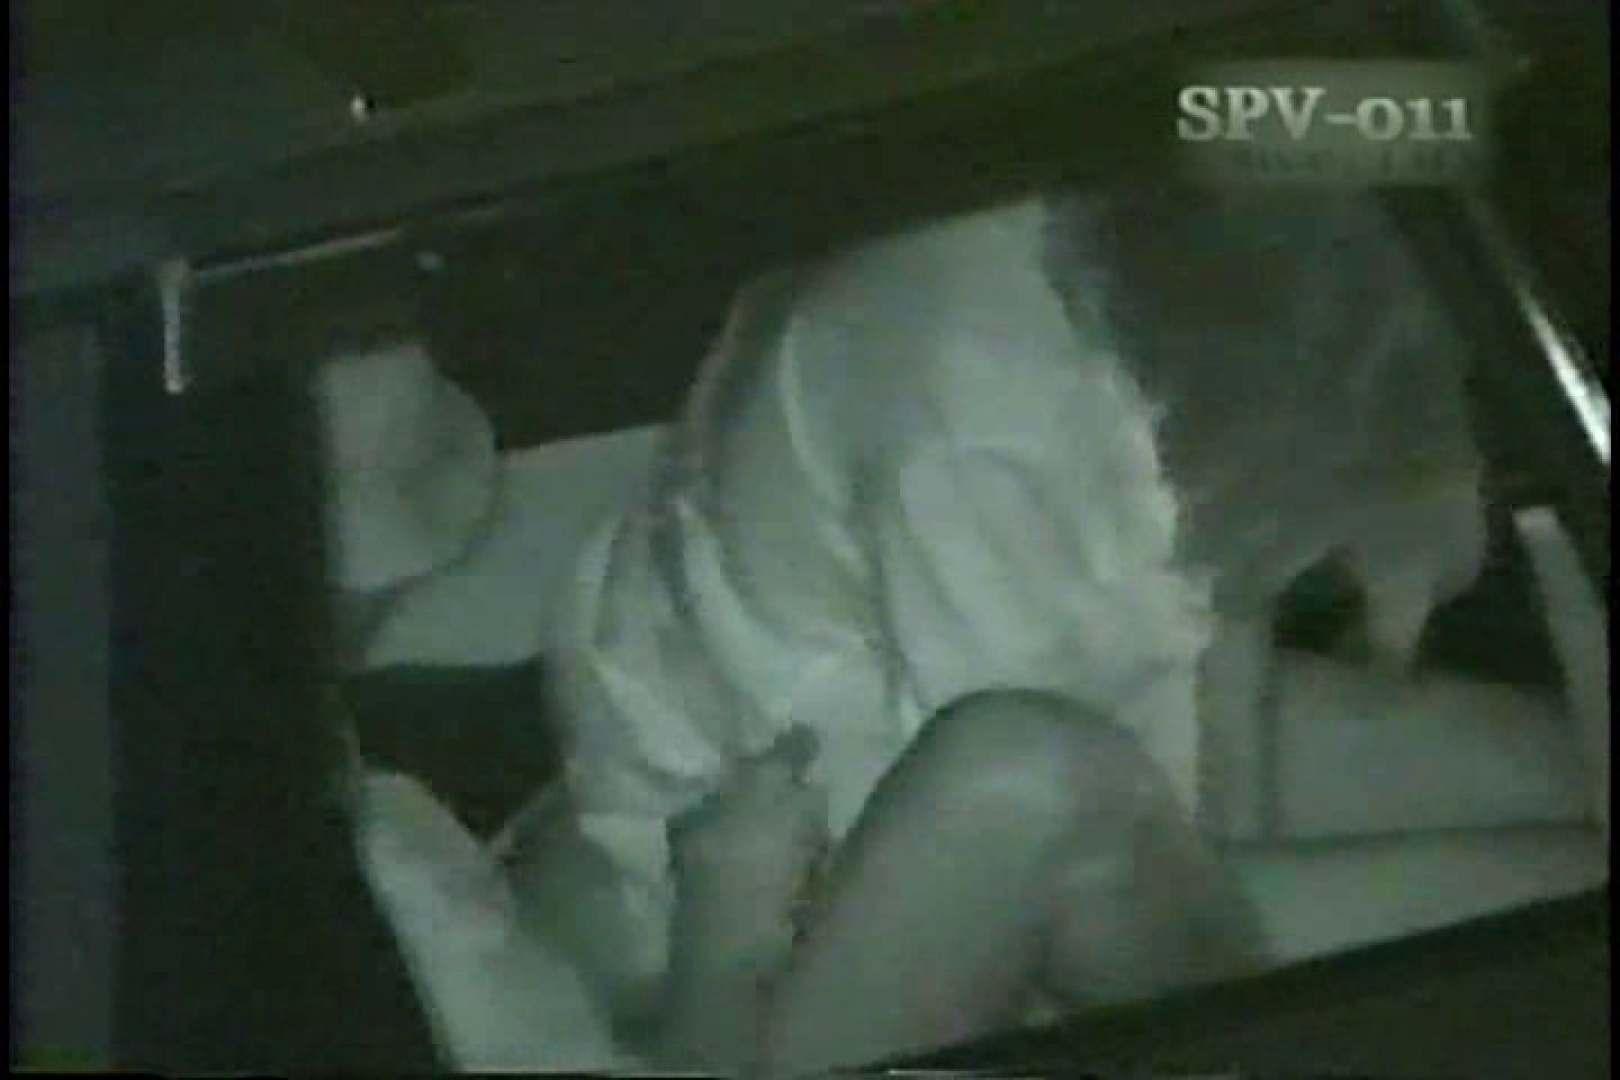 高画質版!SPD-011 盗撮 カーセックス黙示録 (VHS) プライベート セックス画像 94連発 28